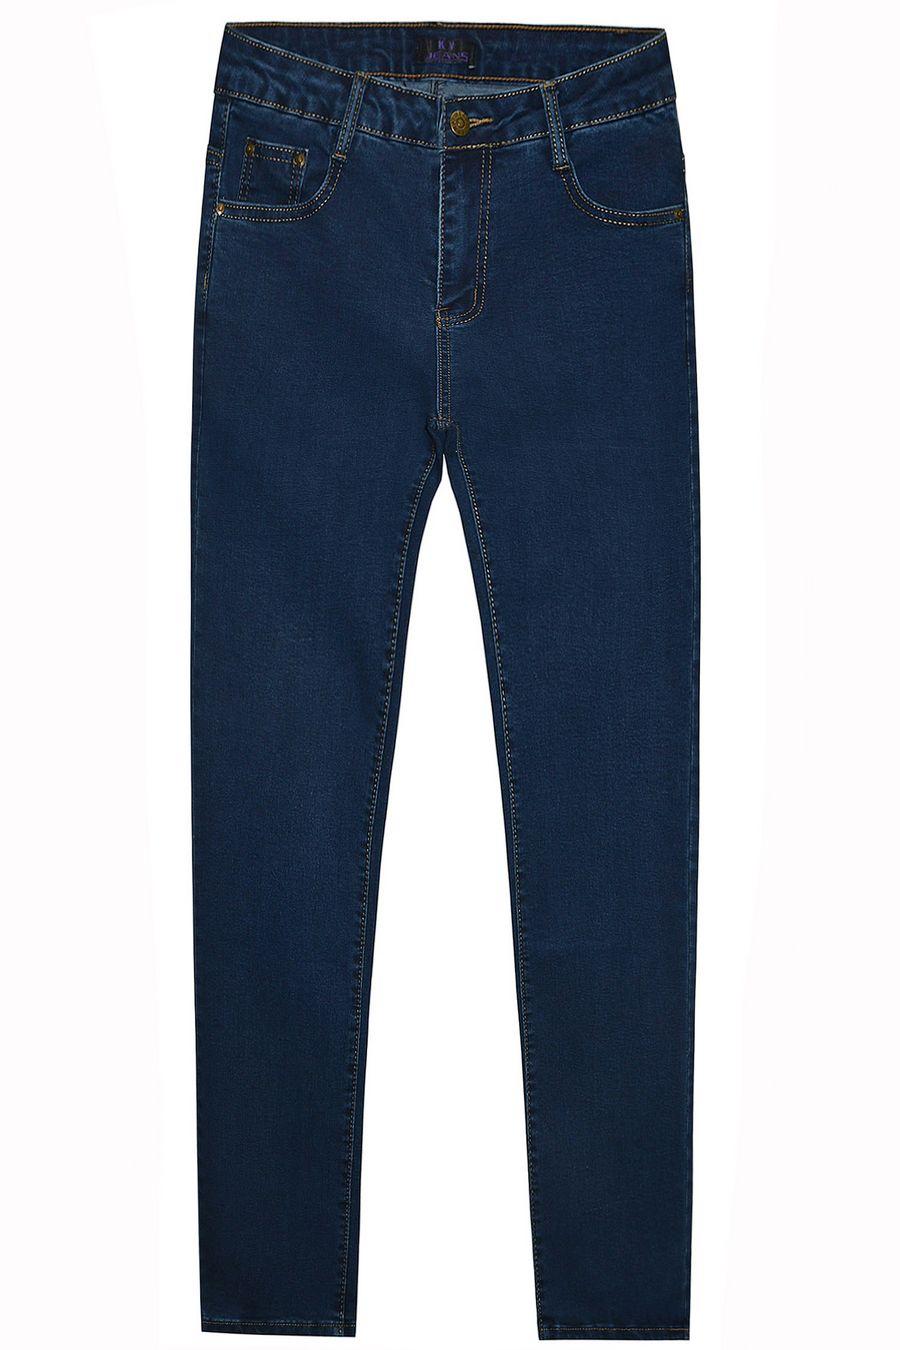 Джинсы женские K.Y Jeans 1250 - фото 1